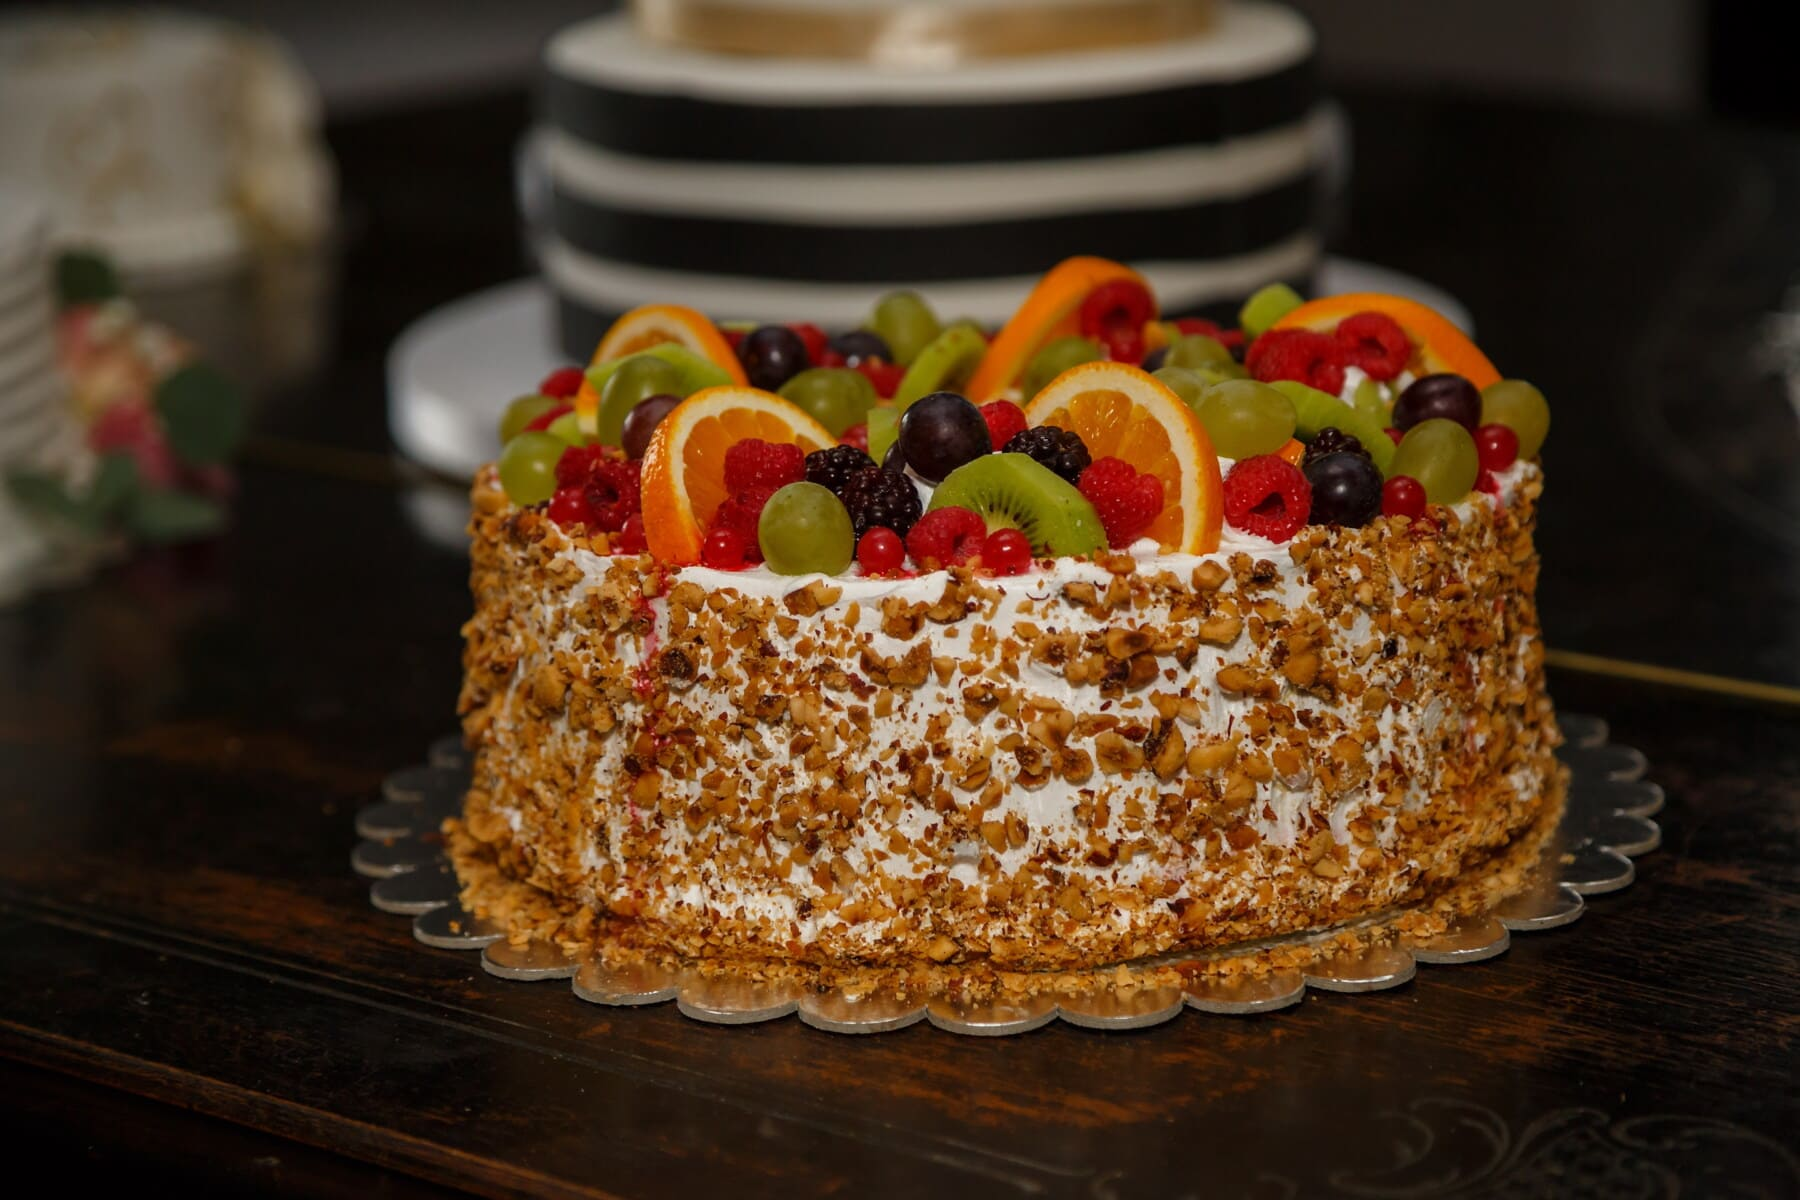 zeste d'orange, myrtille, gâteau, framboise, noyer, fruits, agrumes, dessert, doux, alimentaire